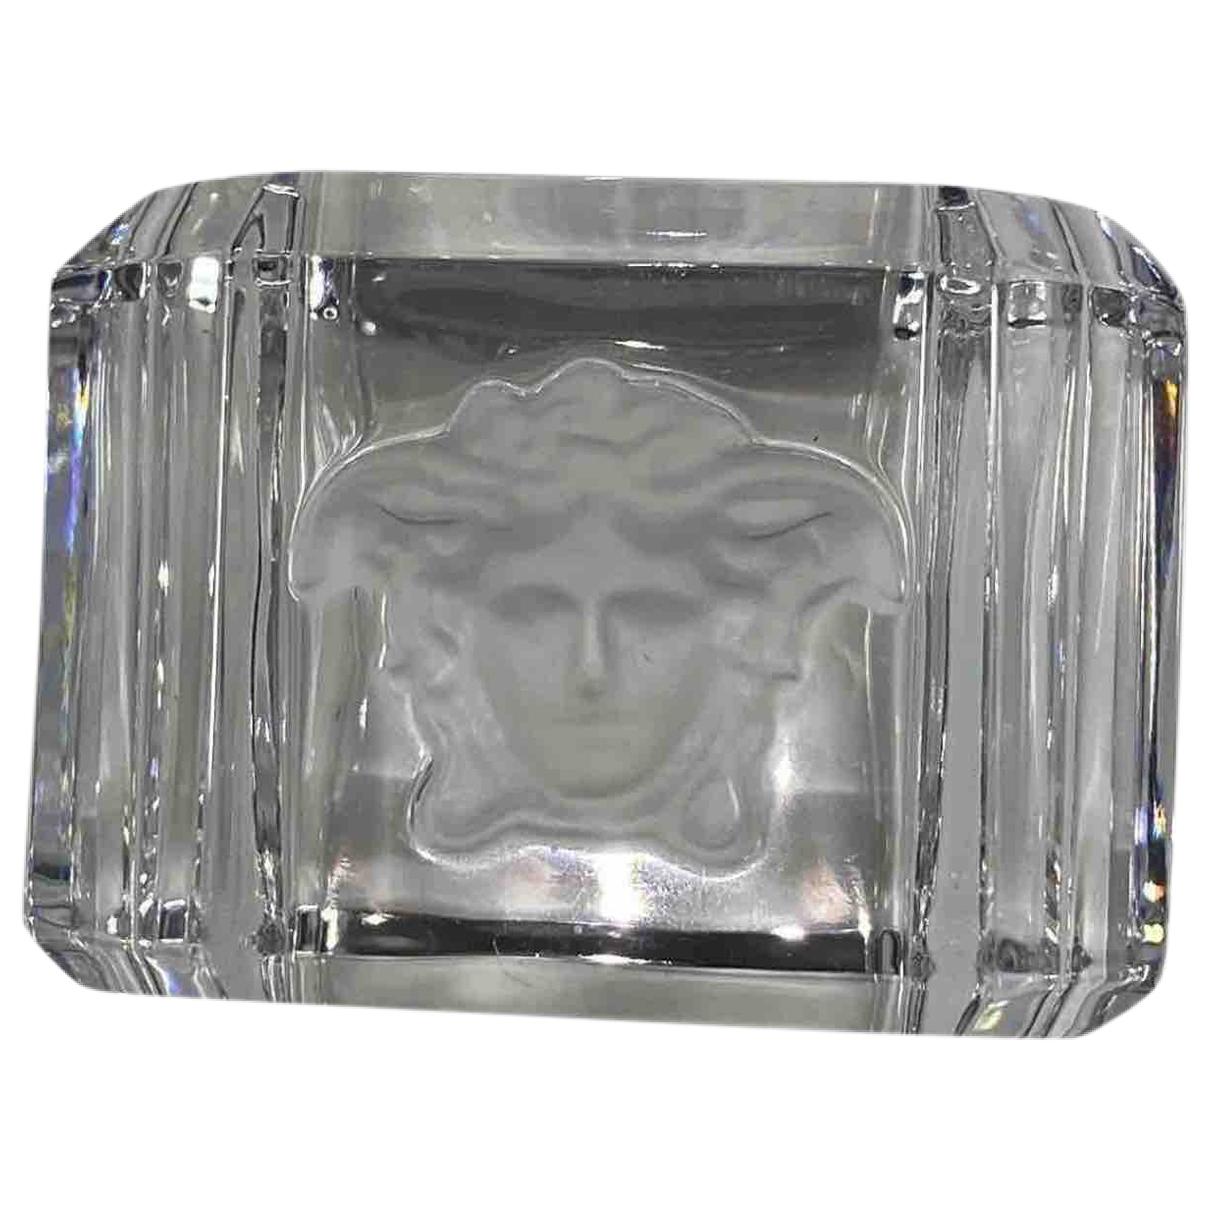 Gianni Versace - Arts de la table   pour lifestyle en cristal - blanc